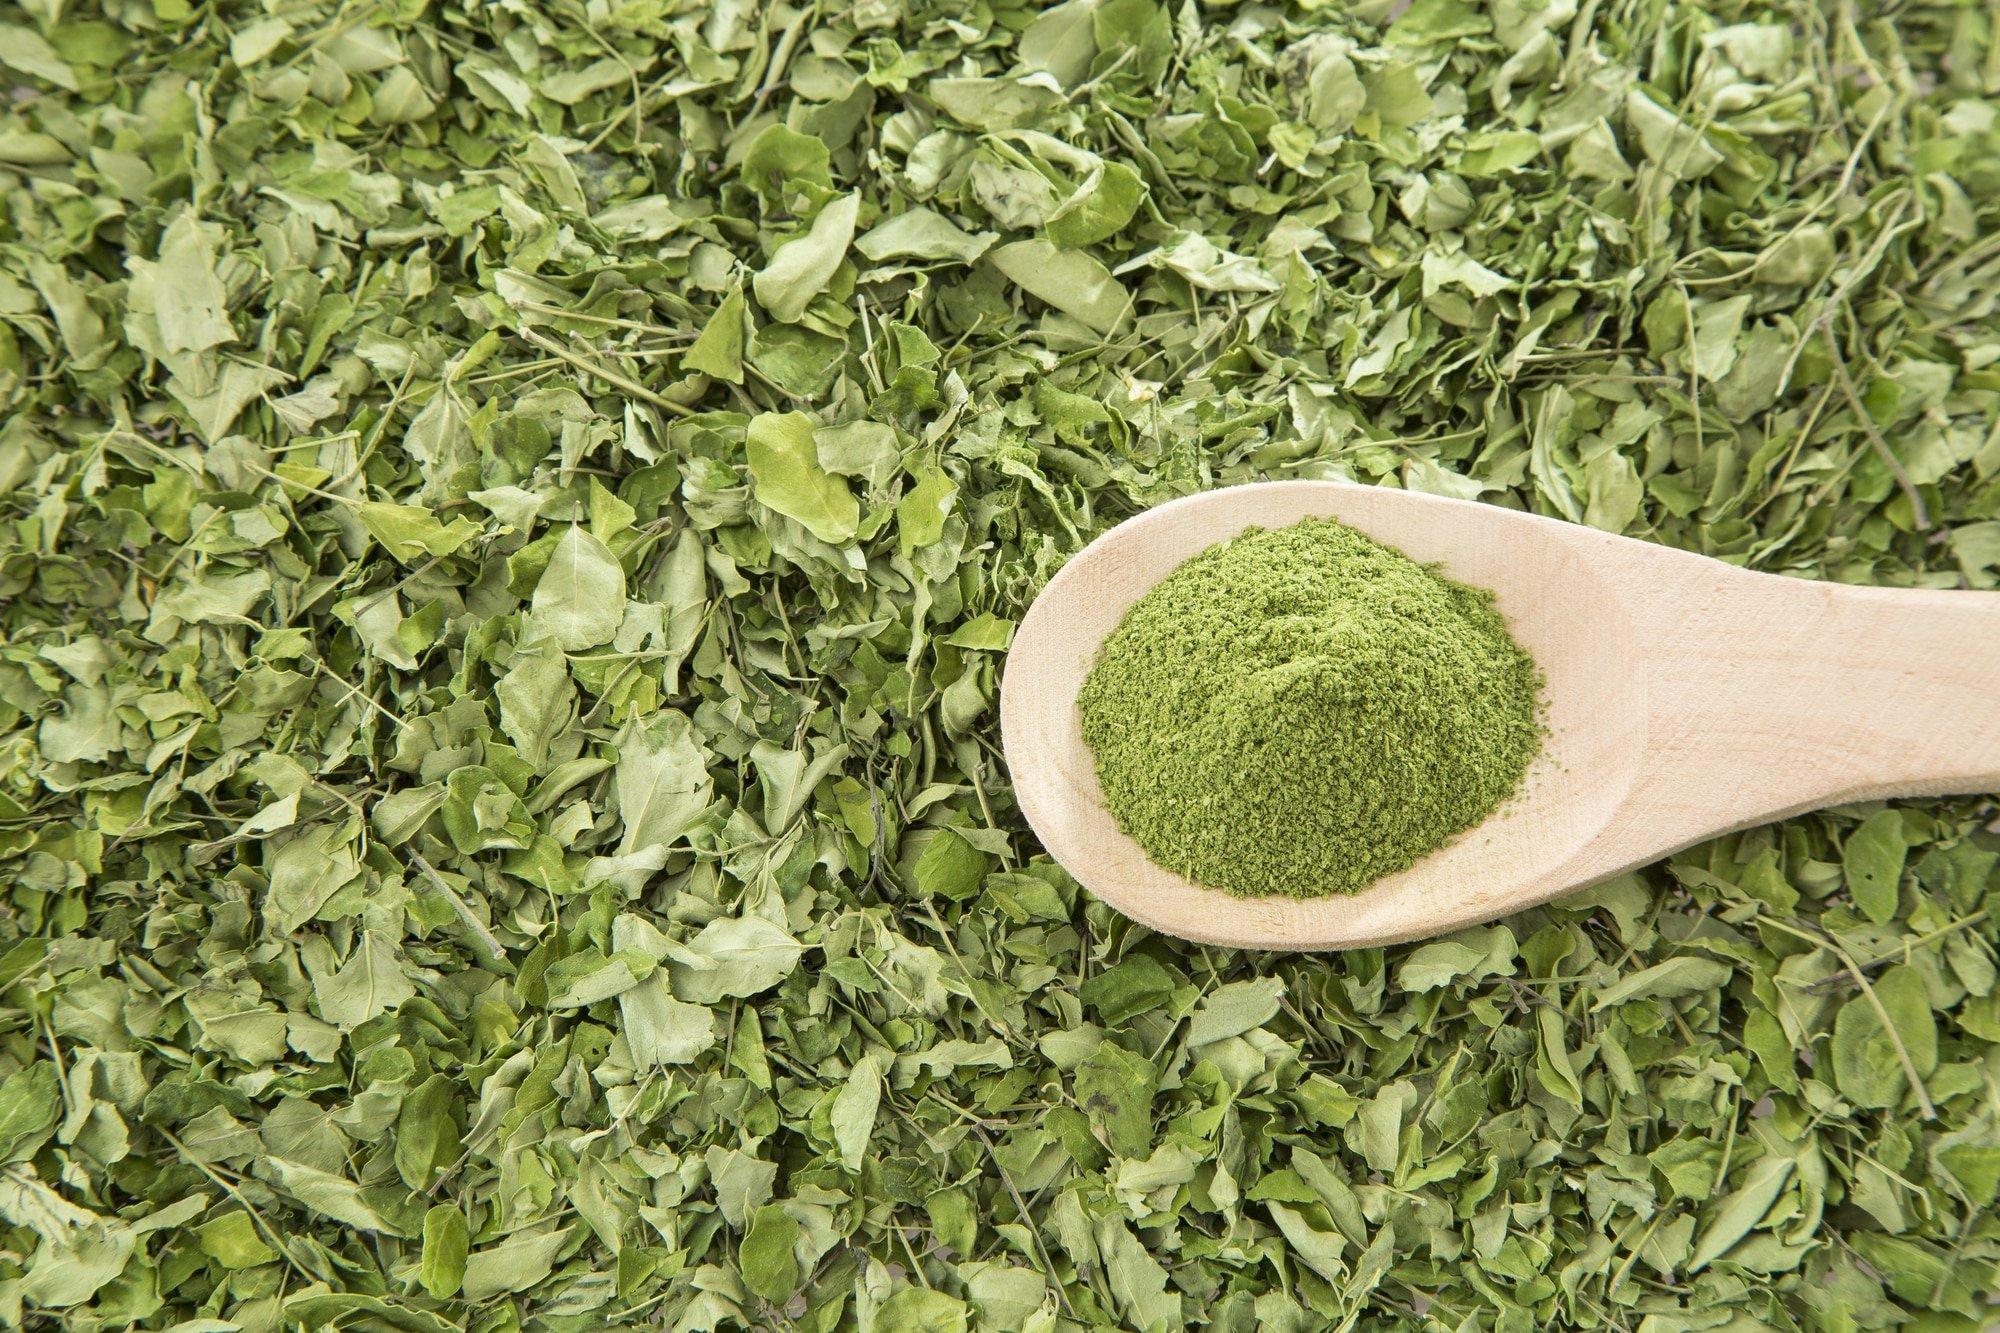 Cooking with moringa